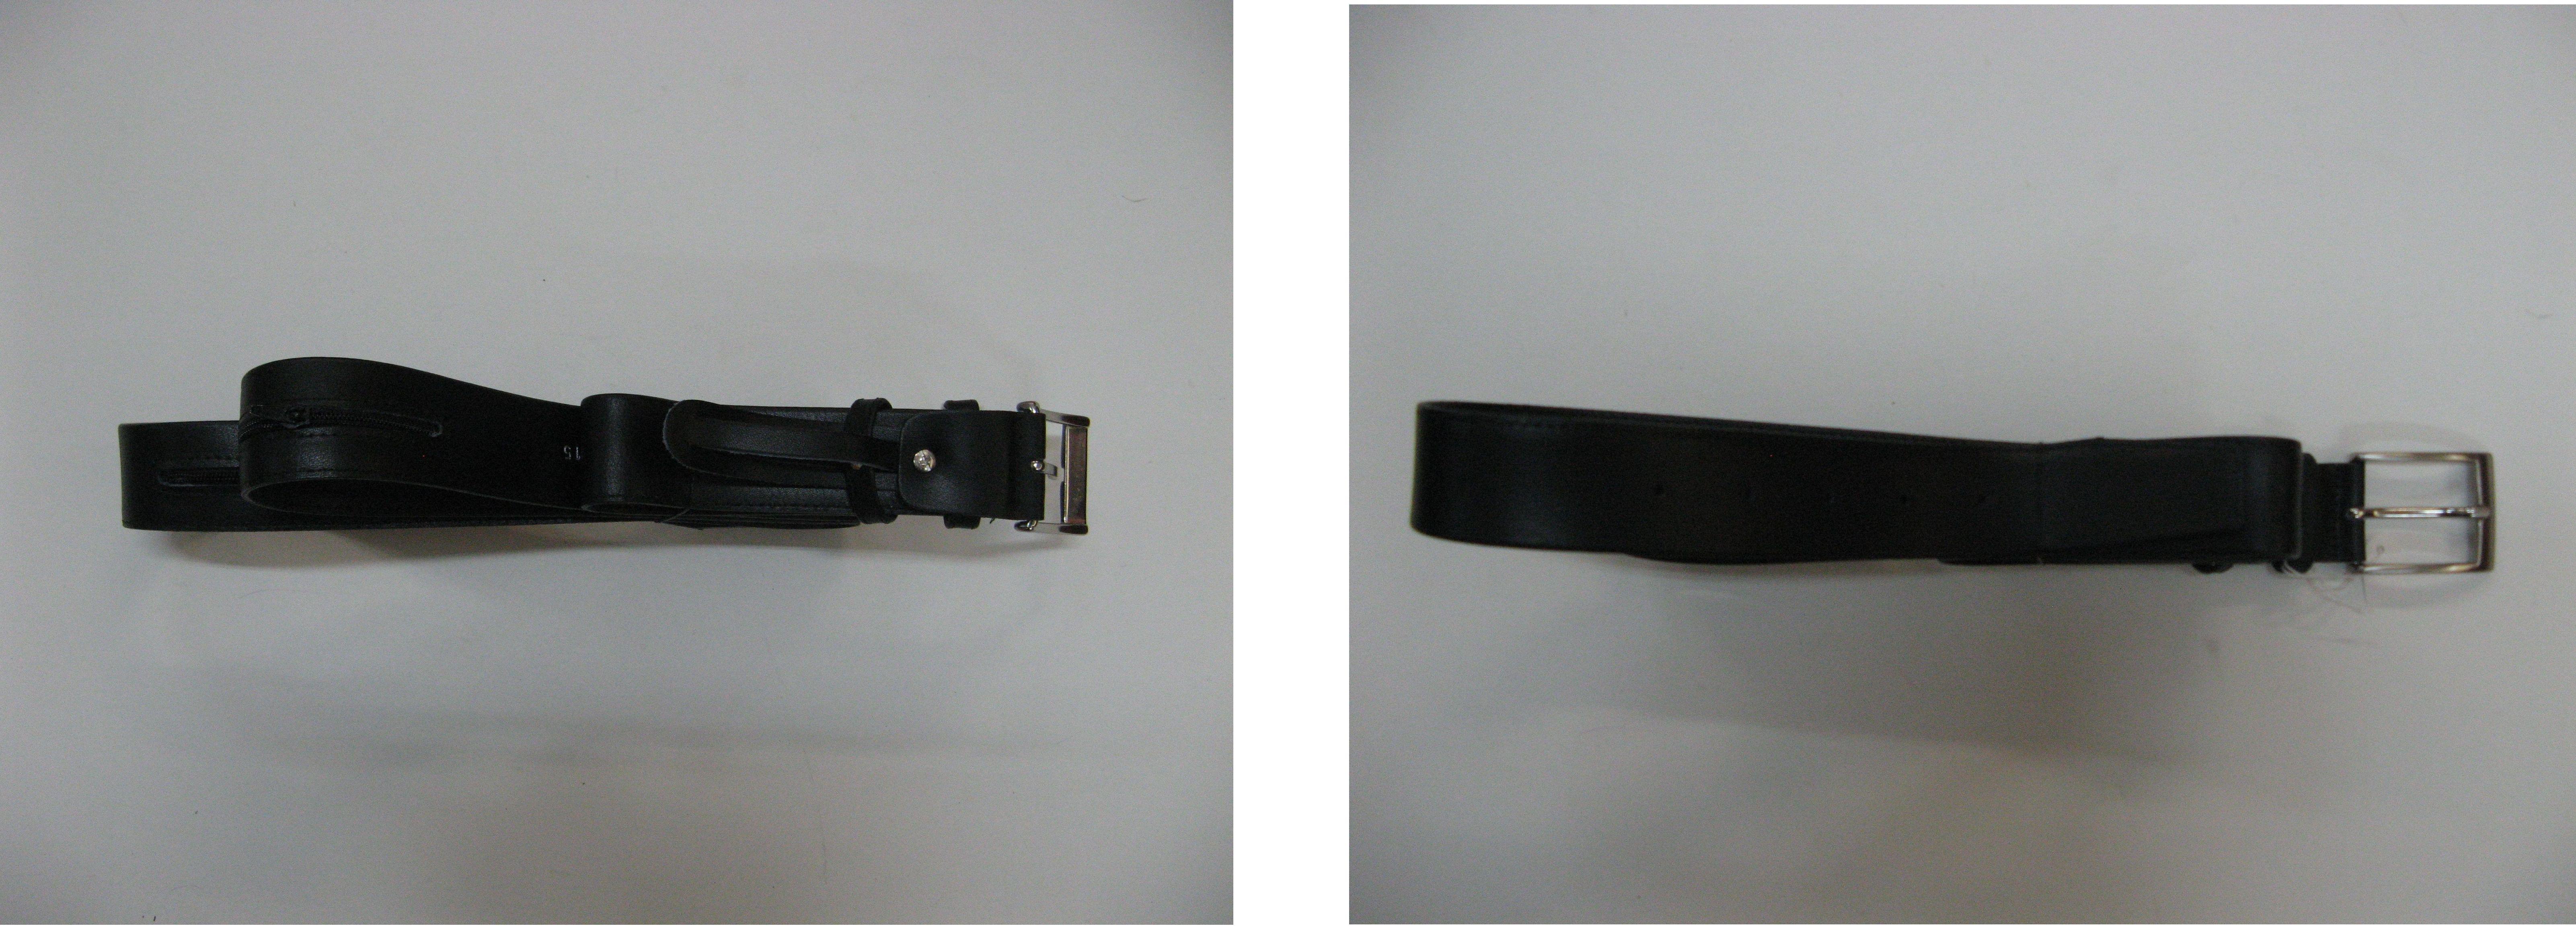 Cinturón para viaje en piel con bolsillo interior